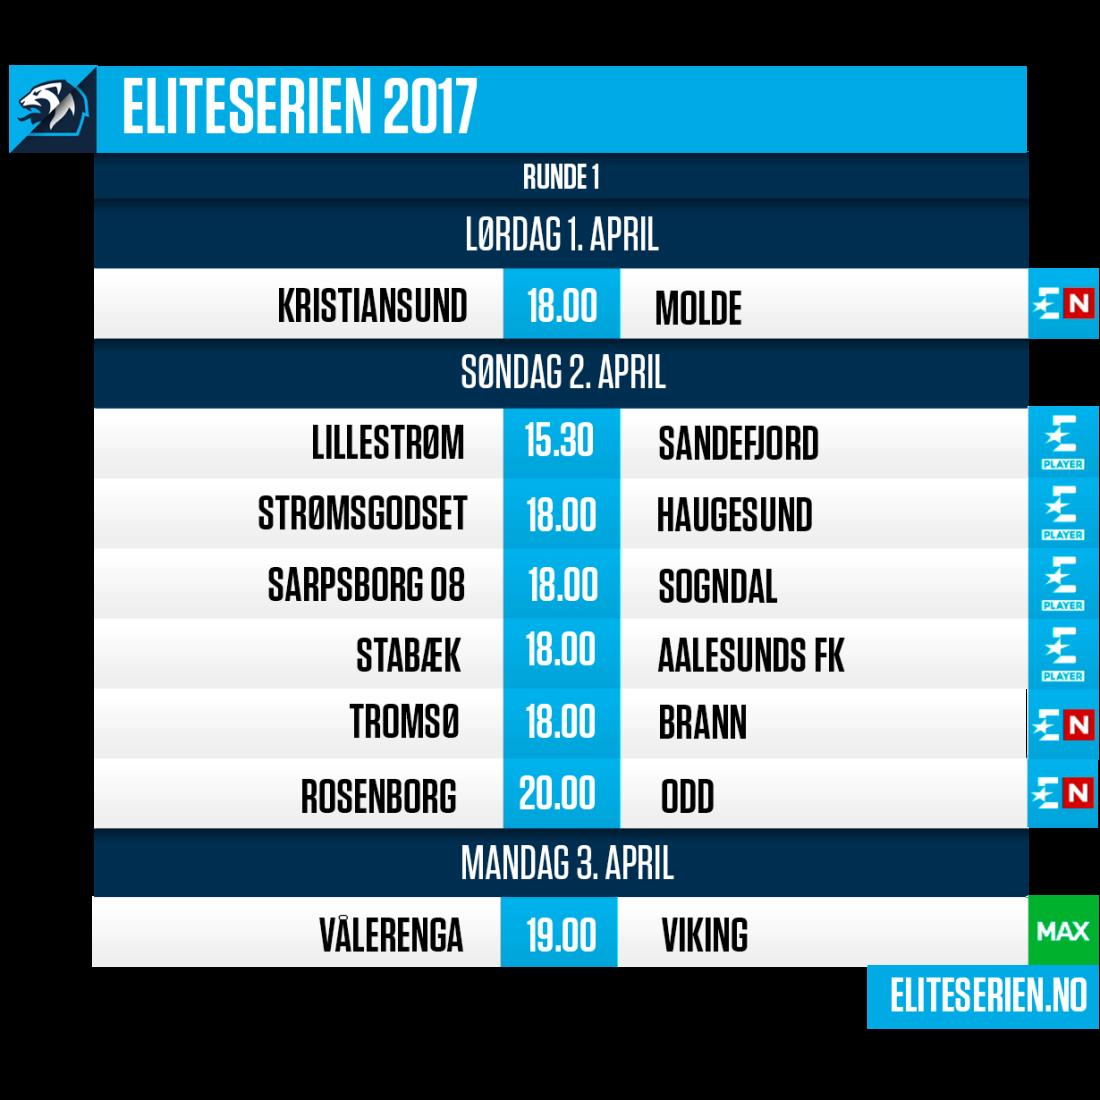 Eliteserien_runde_1.png